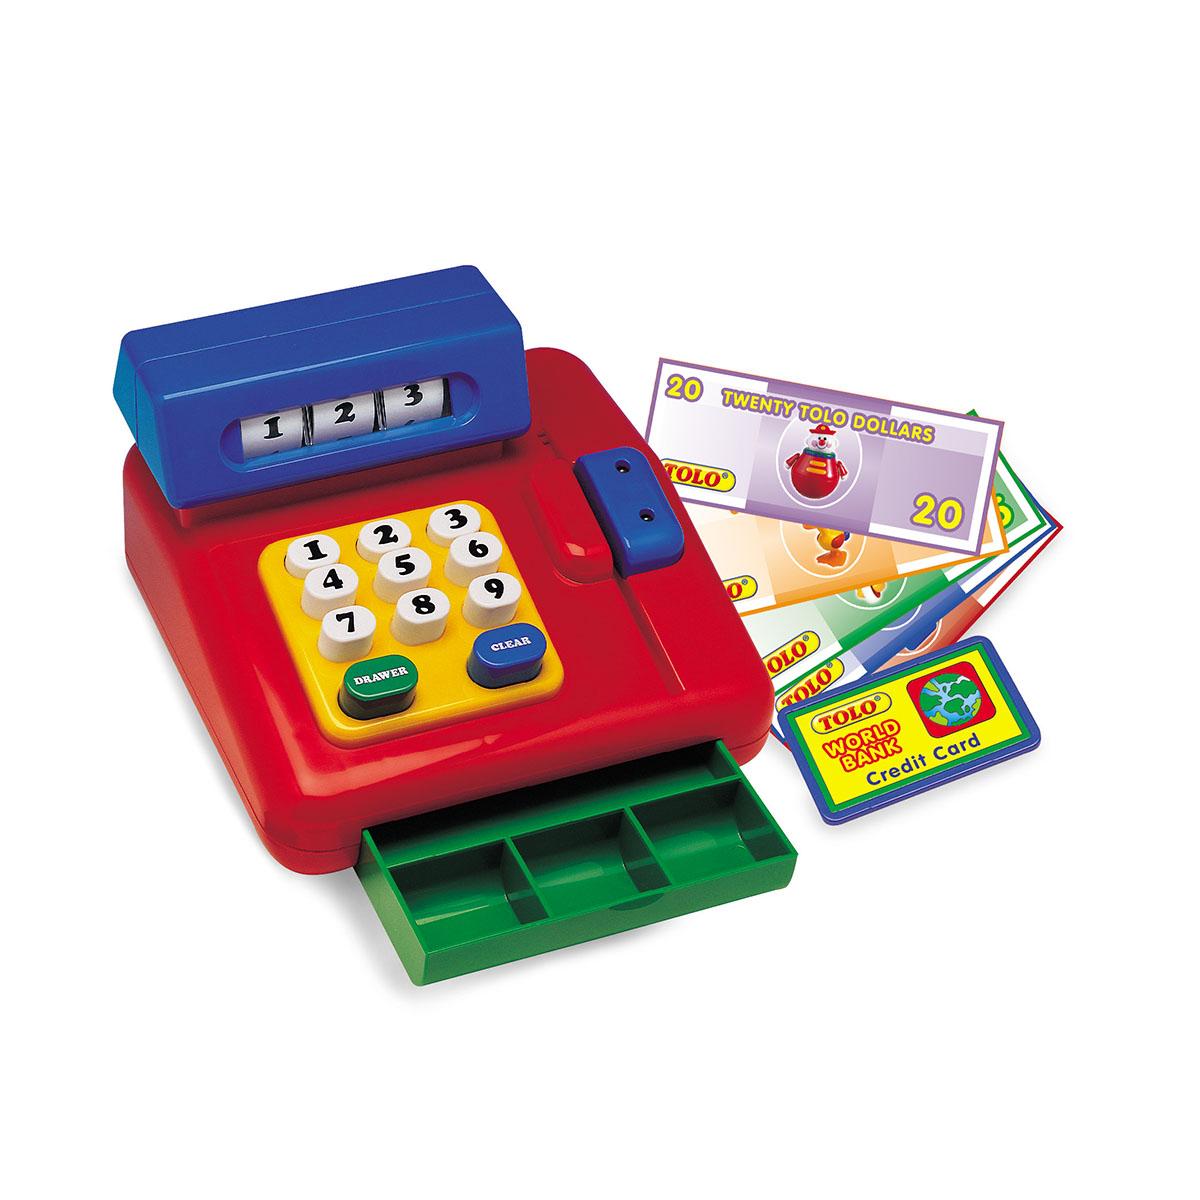 رنگ یخی قطبی خرید اسباب بازی - اسباب بازی ها | 13